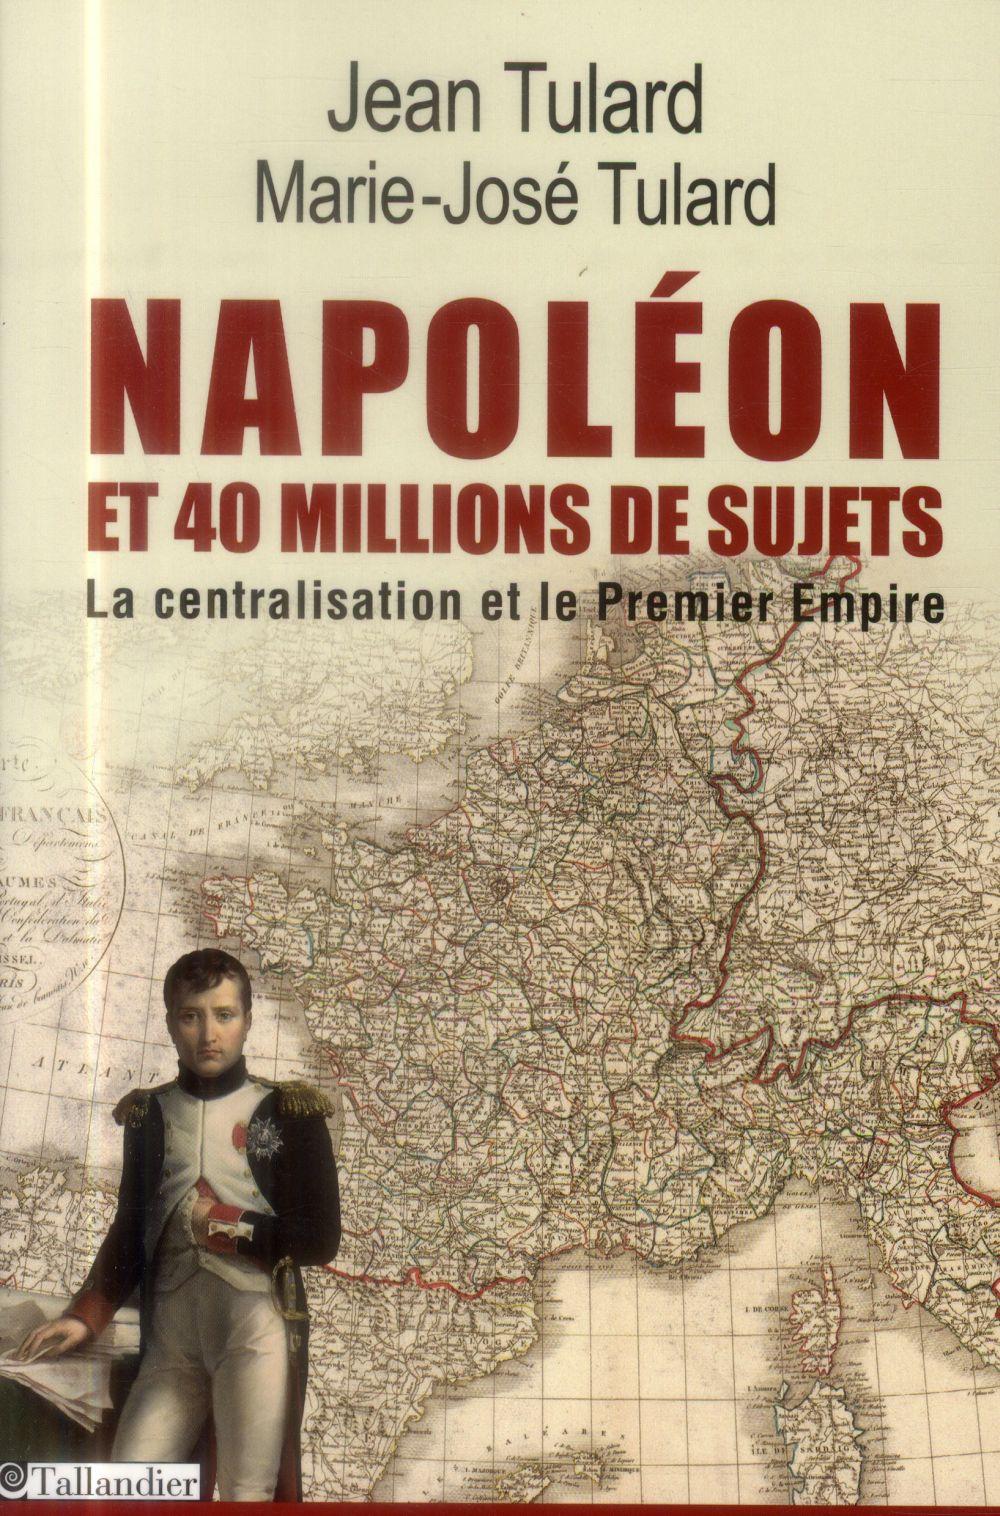 NAPOLEON ET 40 MILLIONS DE SUJETS LA CENTRALISATION ET LE PREMIER EMPIRE